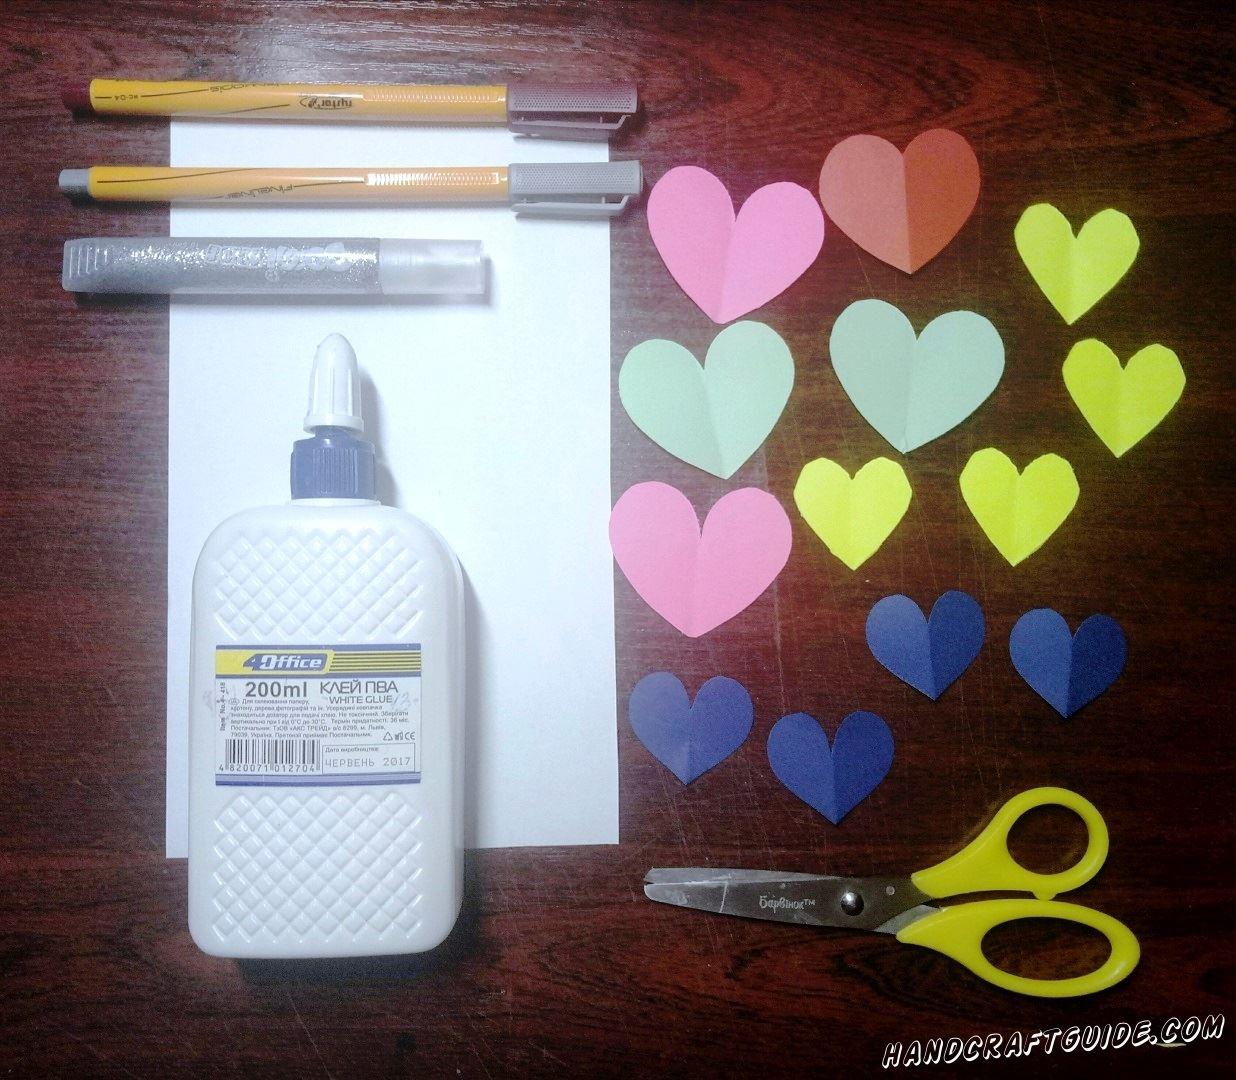 Из цветной бумаги, мы вырезаем множество сердечек, разных цветов и размеров.